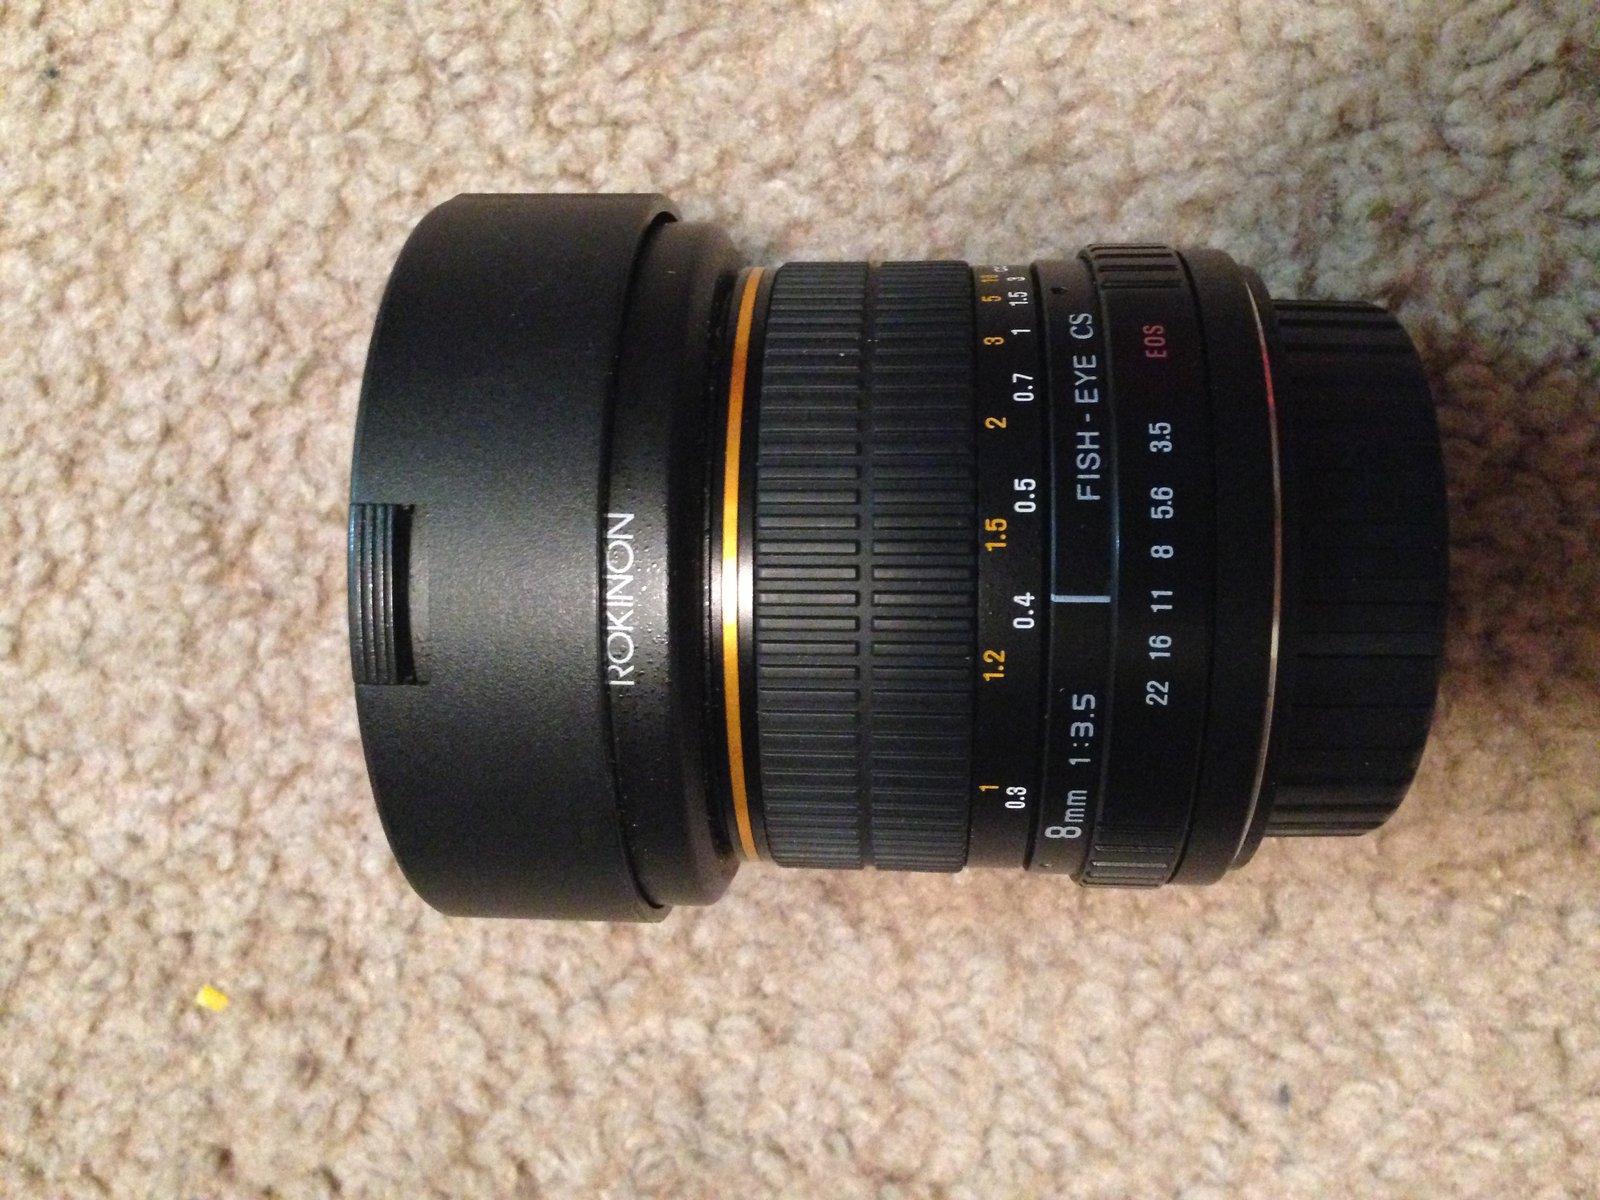 Rokinon 8mm for Canon sale